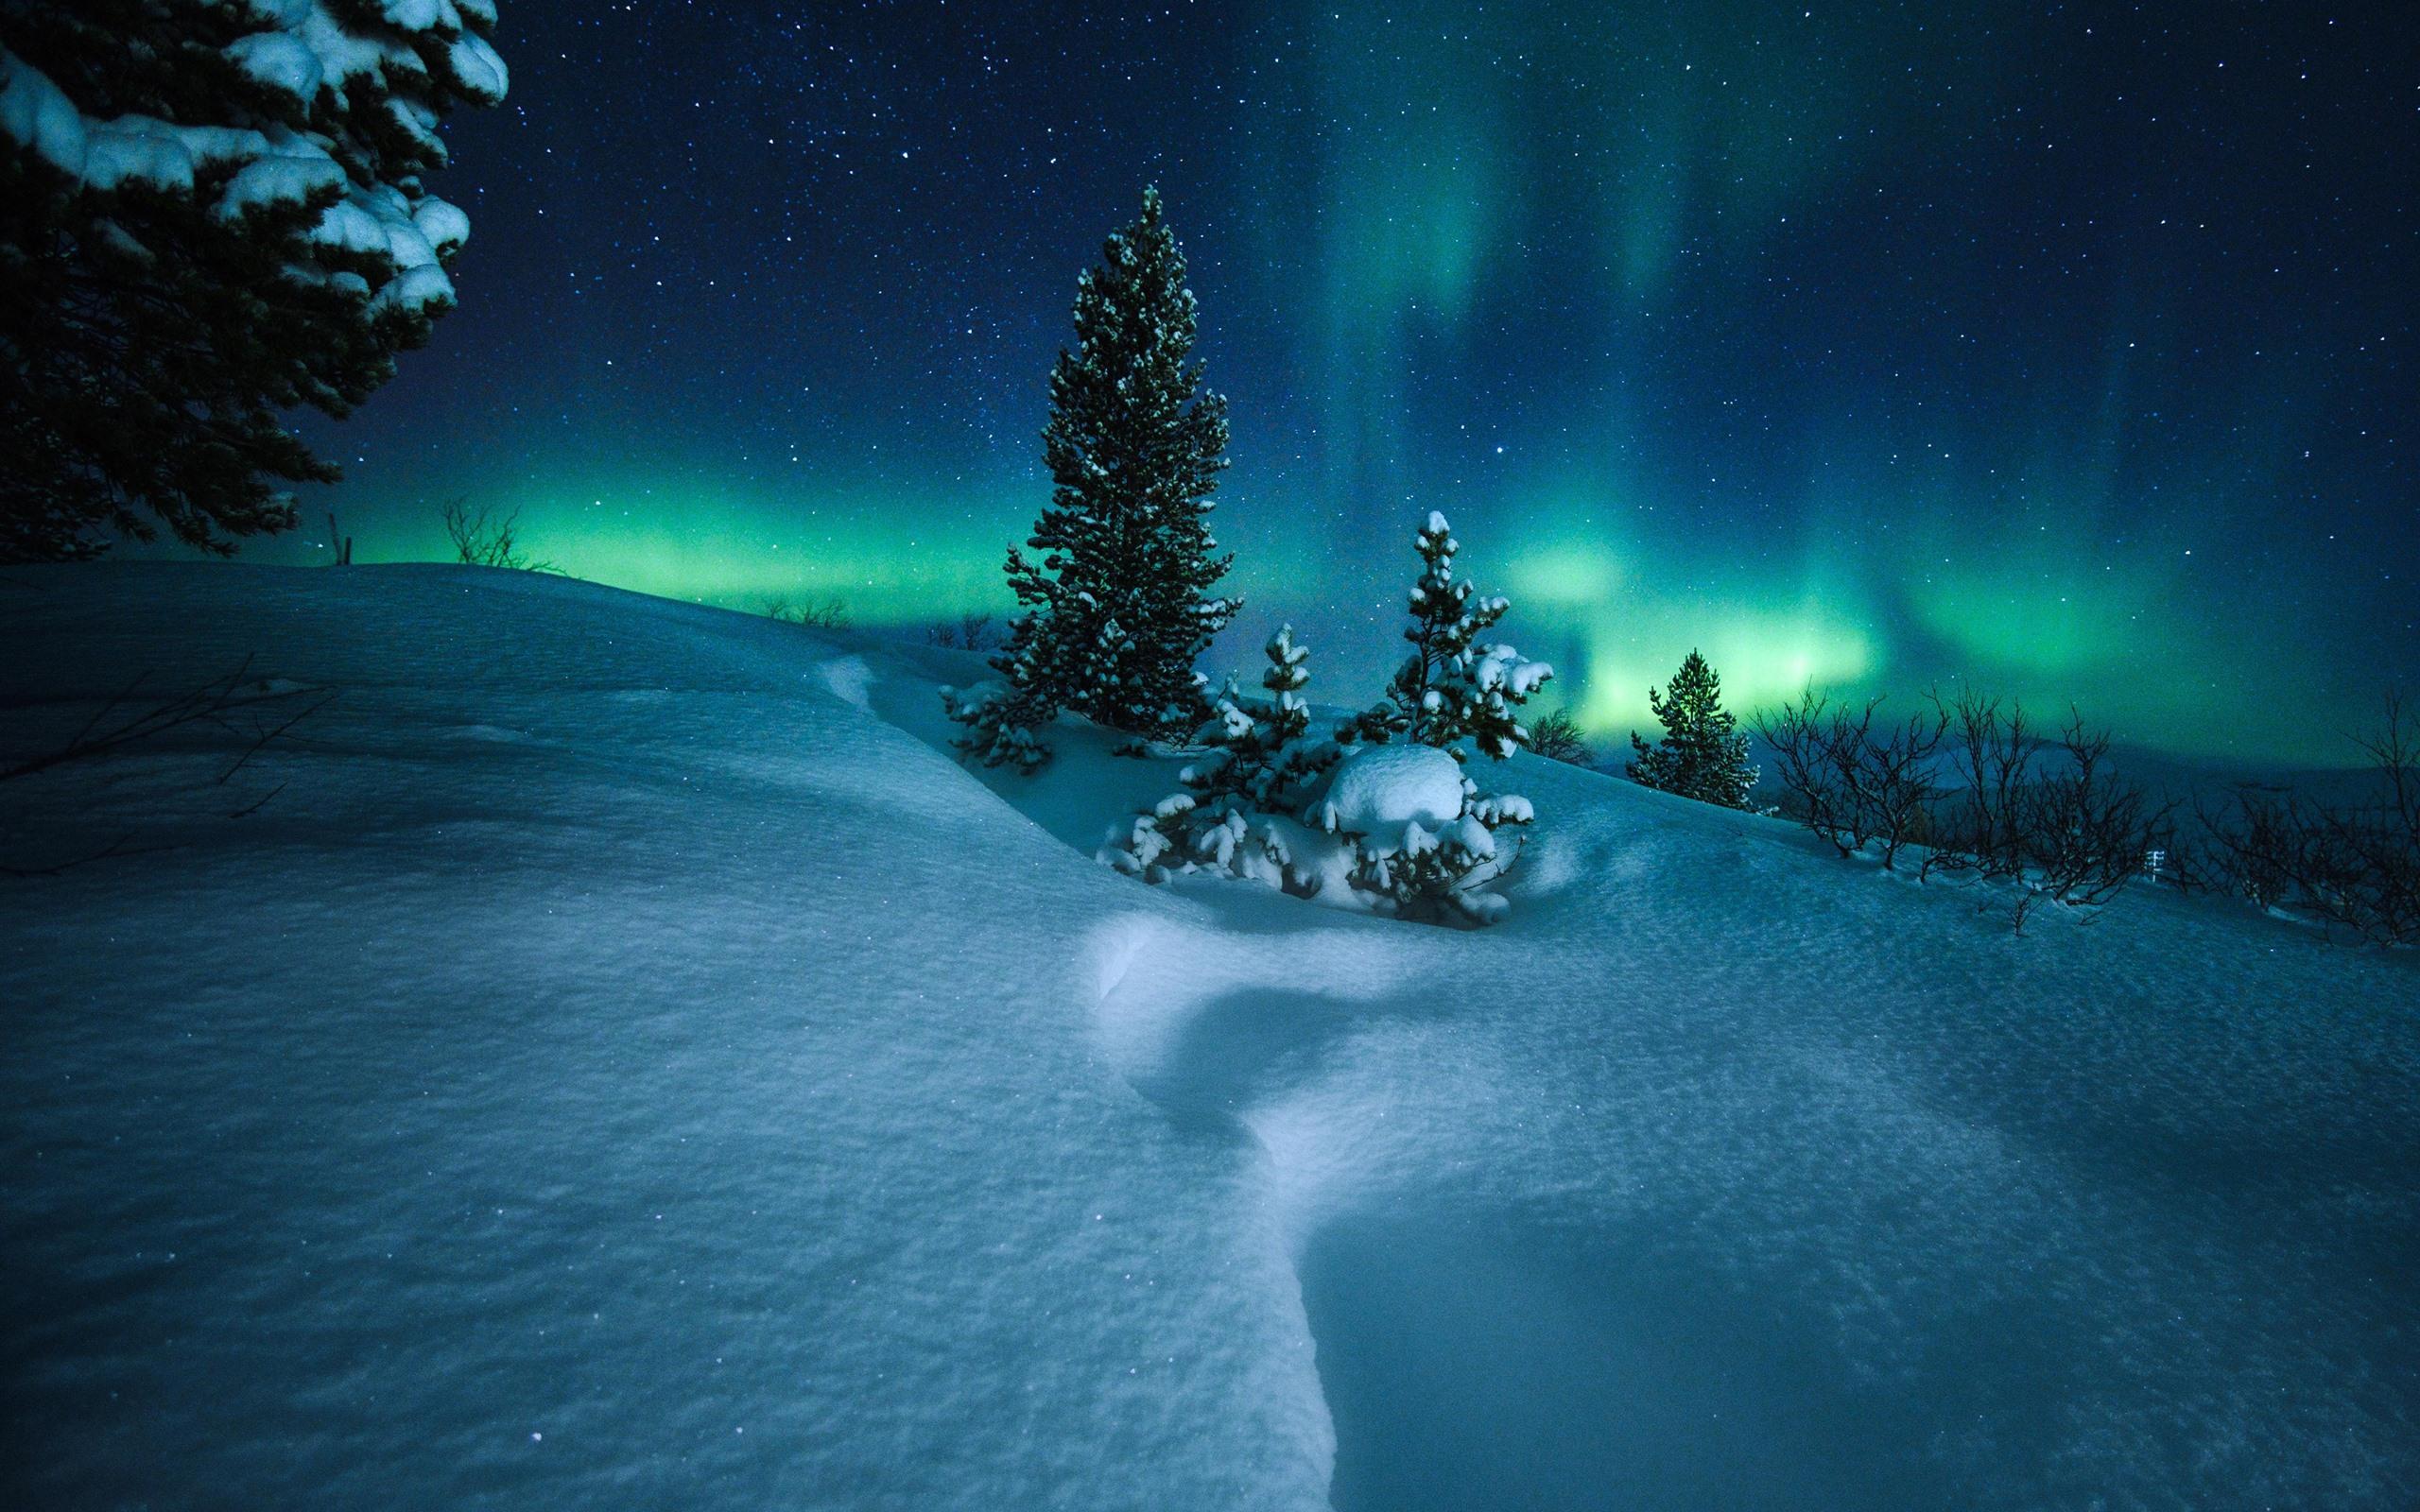 壁紙 オーロラ ノルウェー 木 雪 星空 夜 2880x1800 Hd 無料の